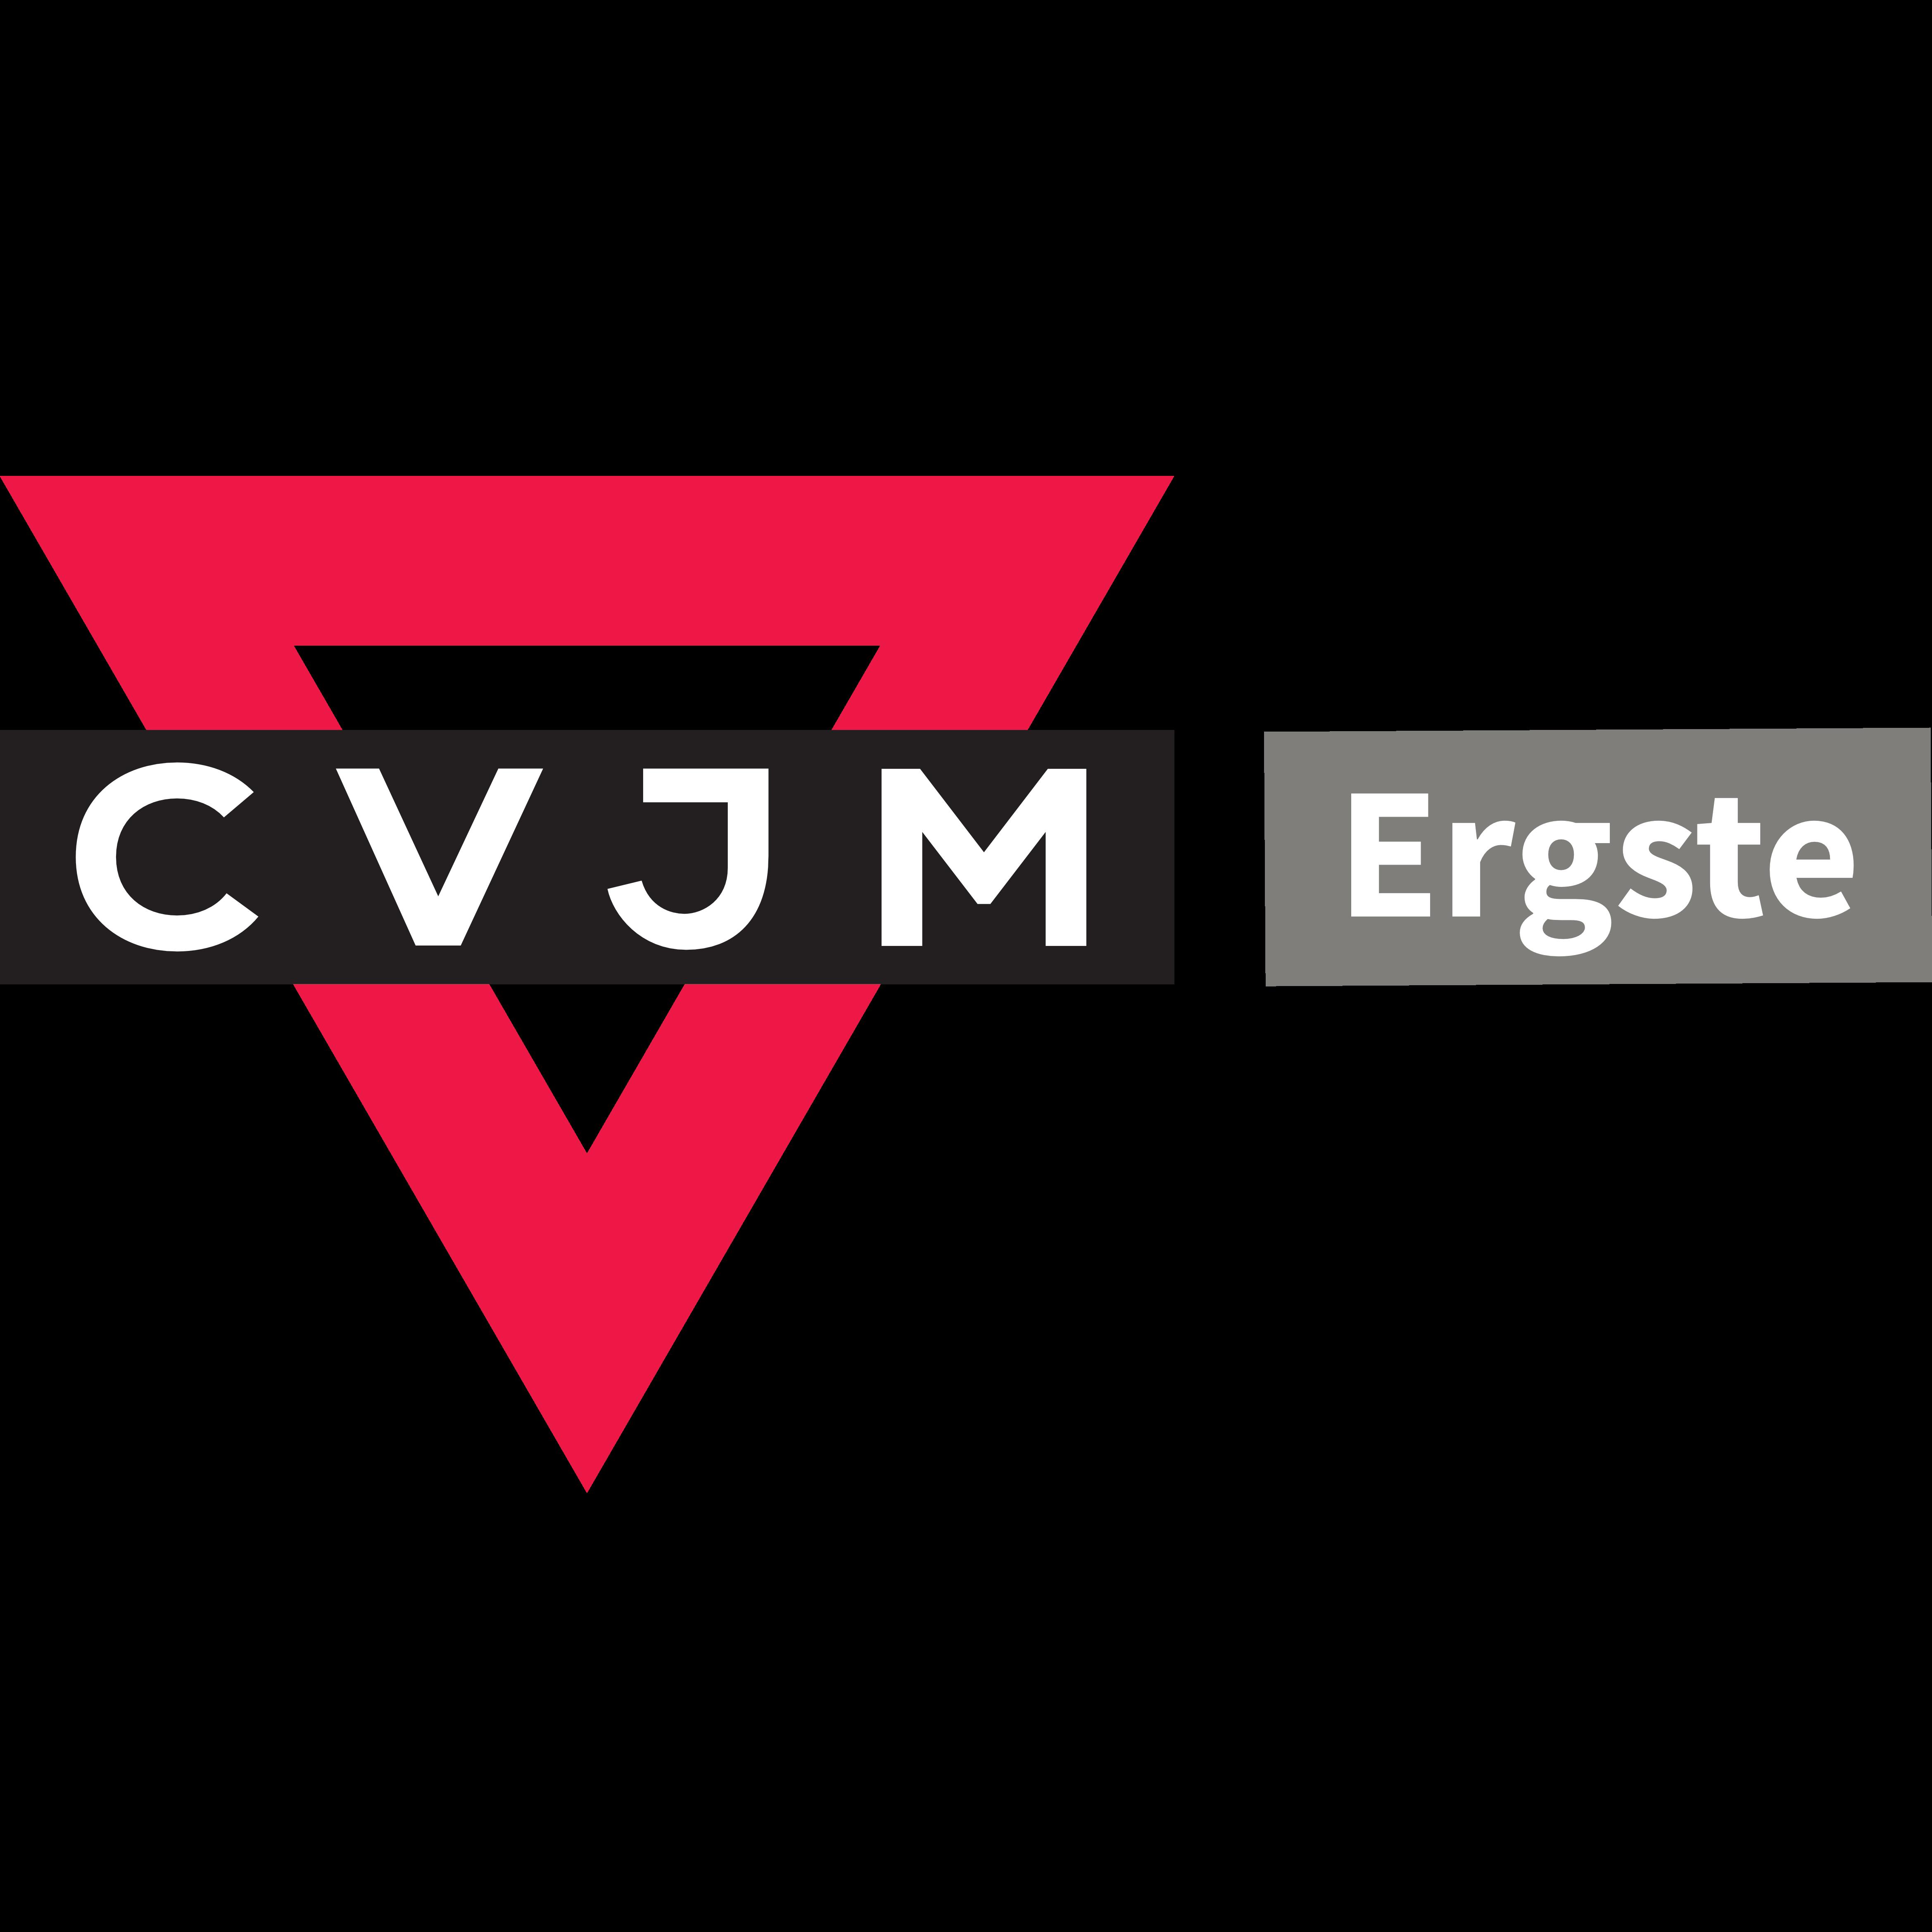 CVJM Ergste e.V.